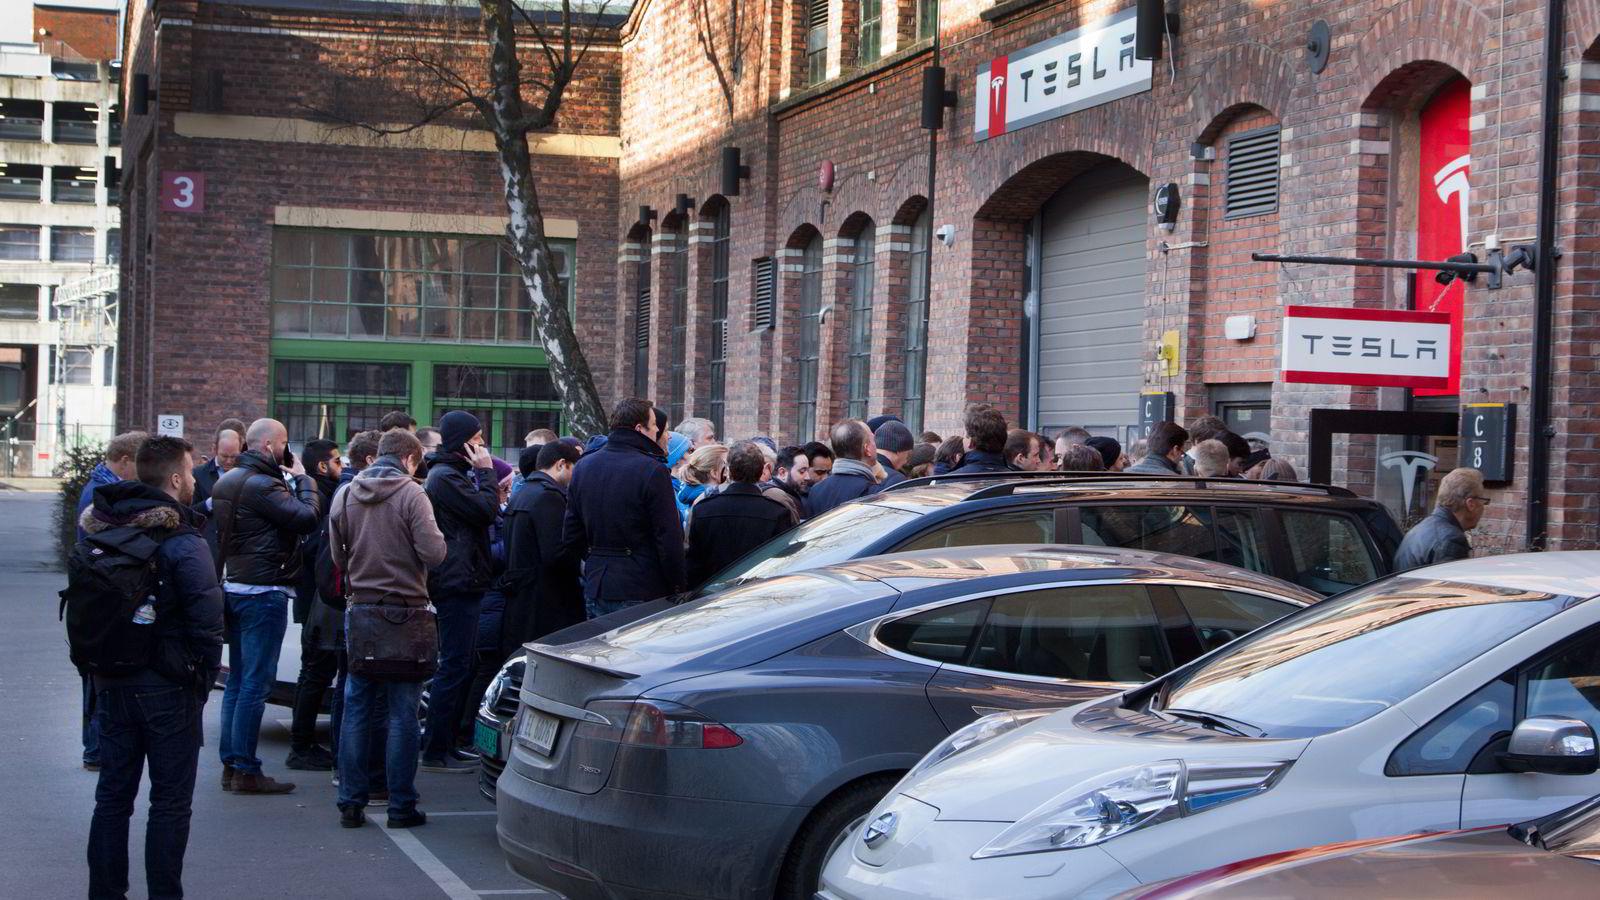 Torsdag åpnes Tesla for bestillinger av sin nye Model 3 i butikk. Utenfor Tesla Skøyen var dette køen like over klokken ni. Alle foto:Embret Sæter